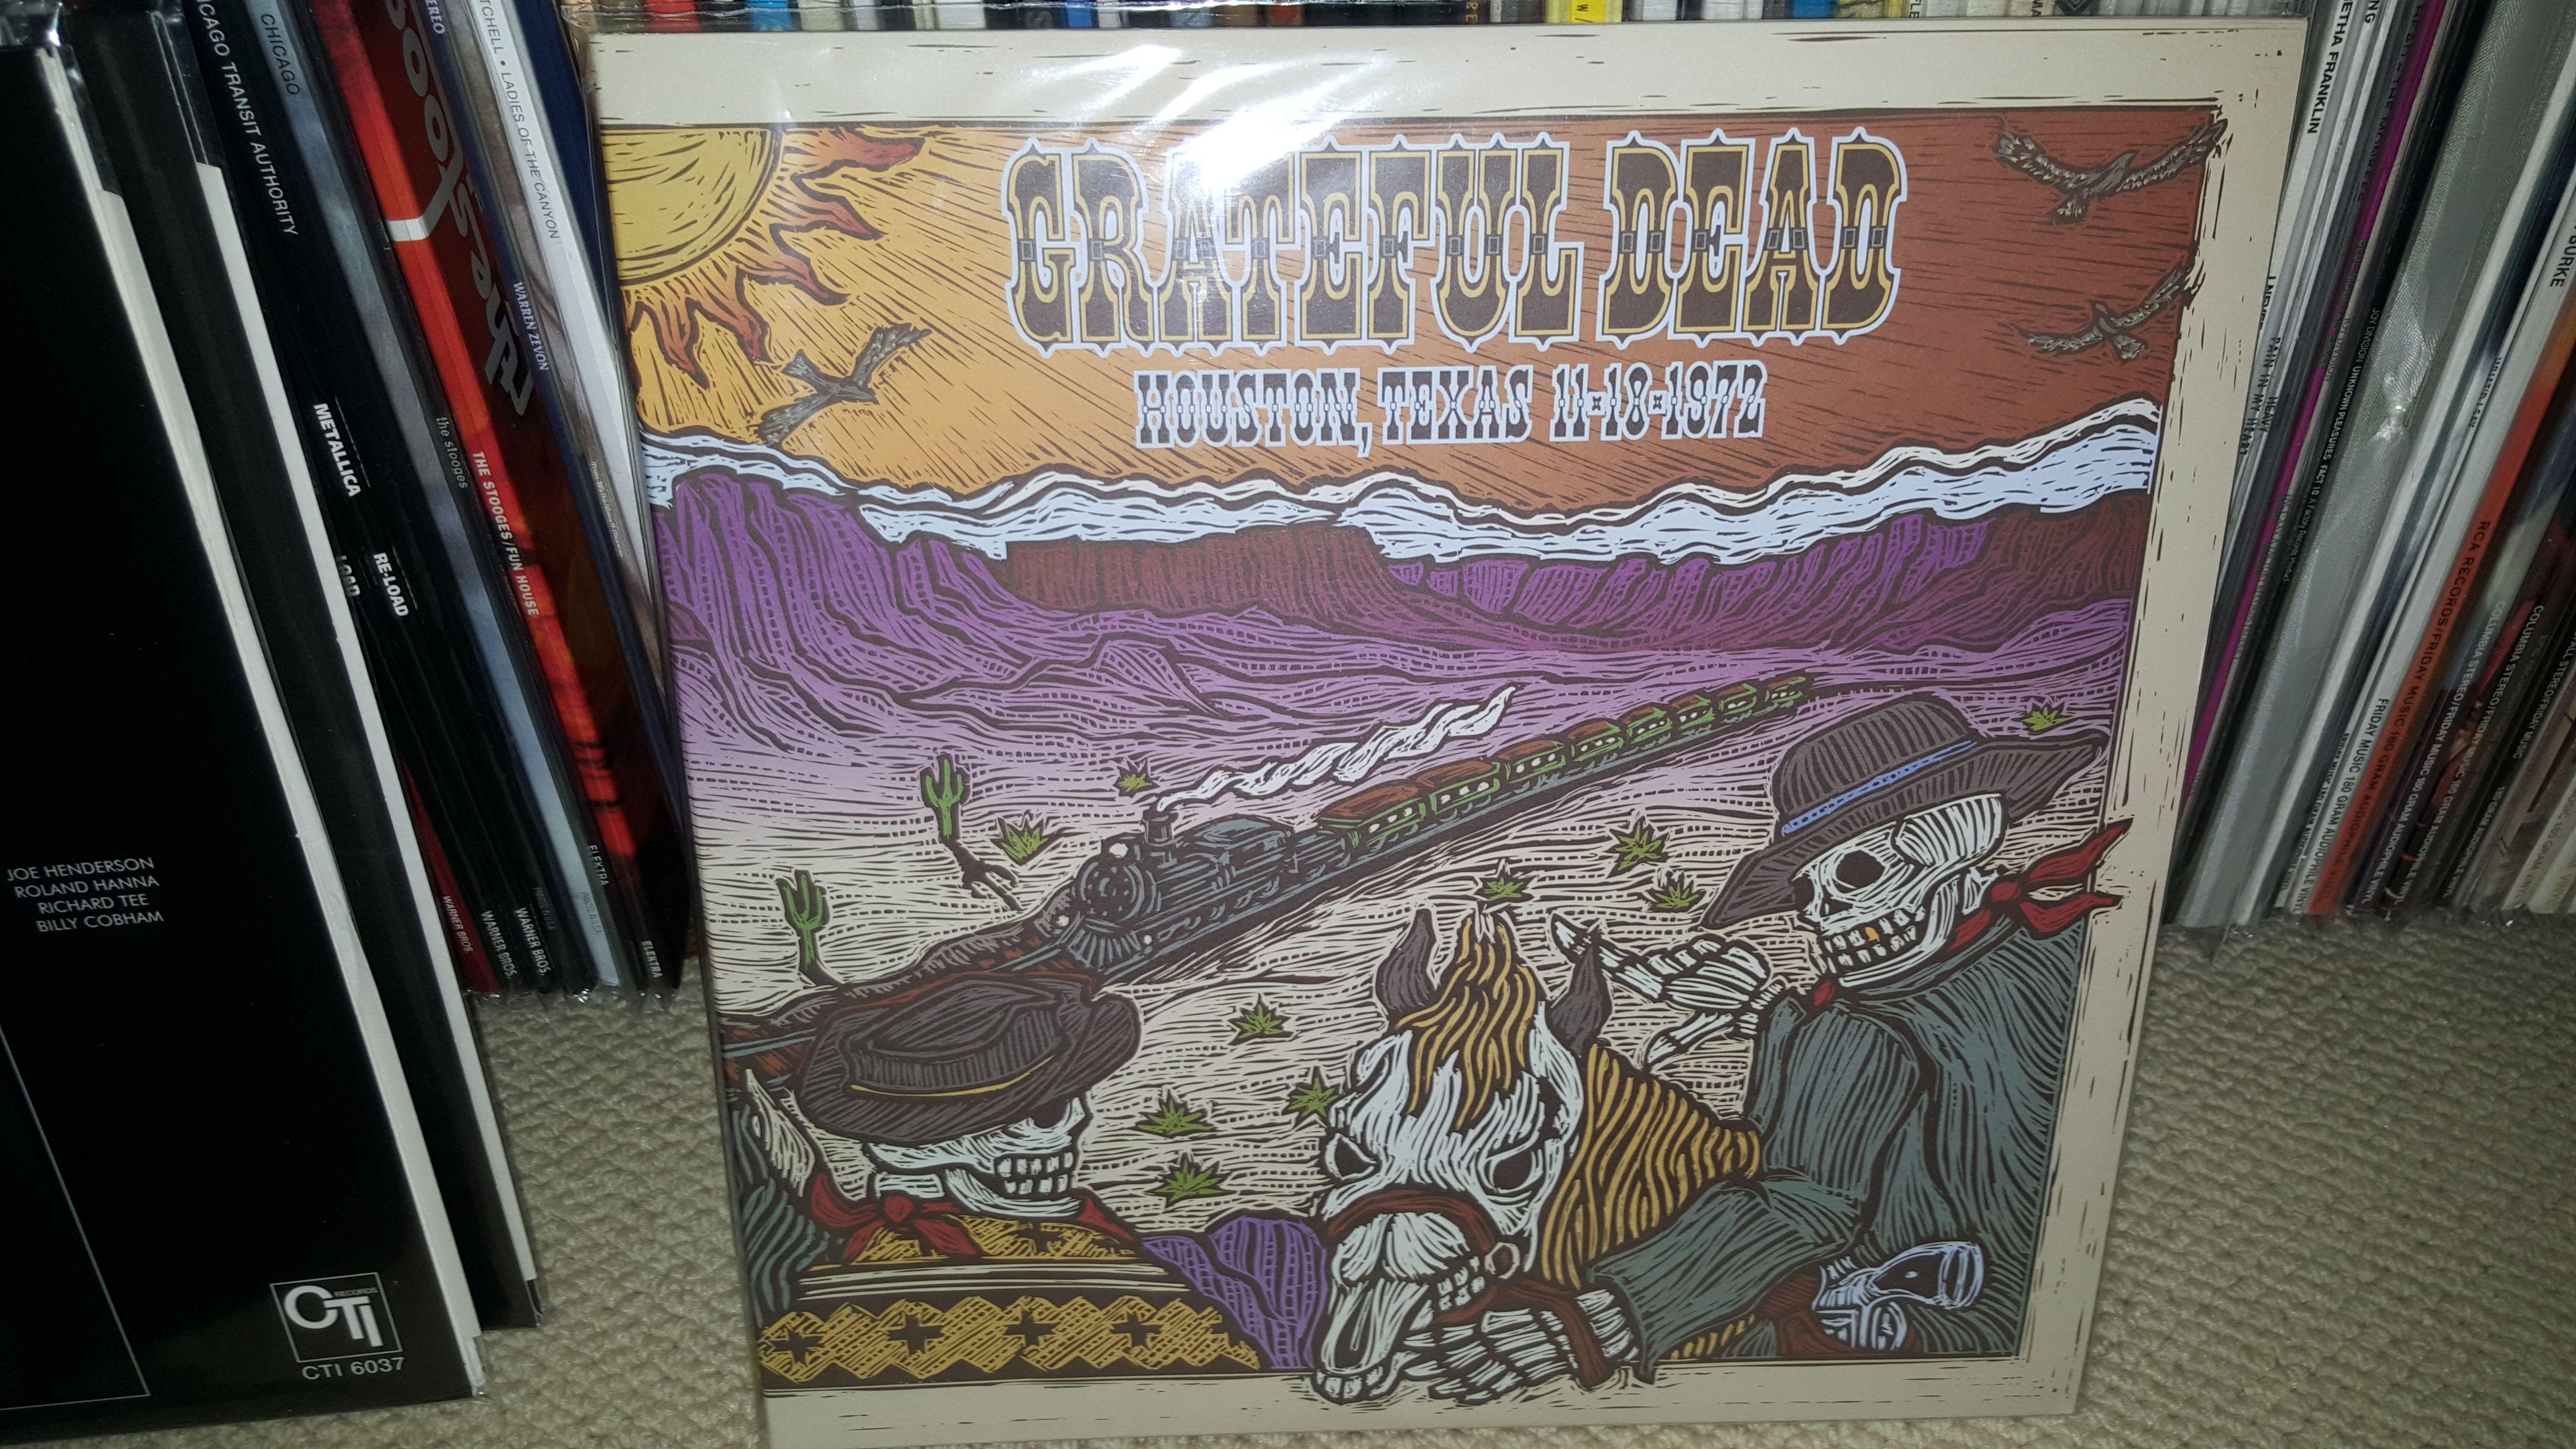 Aoxomoxoa — Grateful Dead (1969) | Hidden Messages in